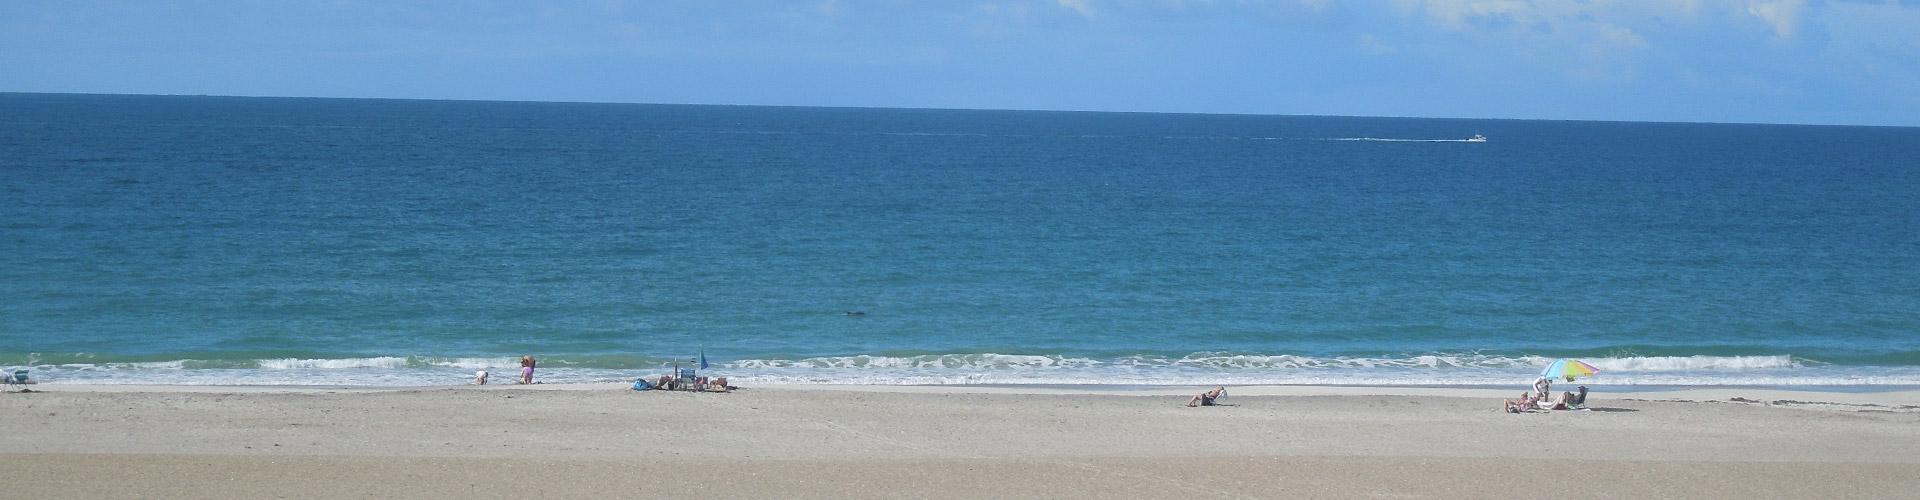 Atlantic Beach Condo Al Nc Coastal Life Vacation Yoga Scuba Cles Dive Travel